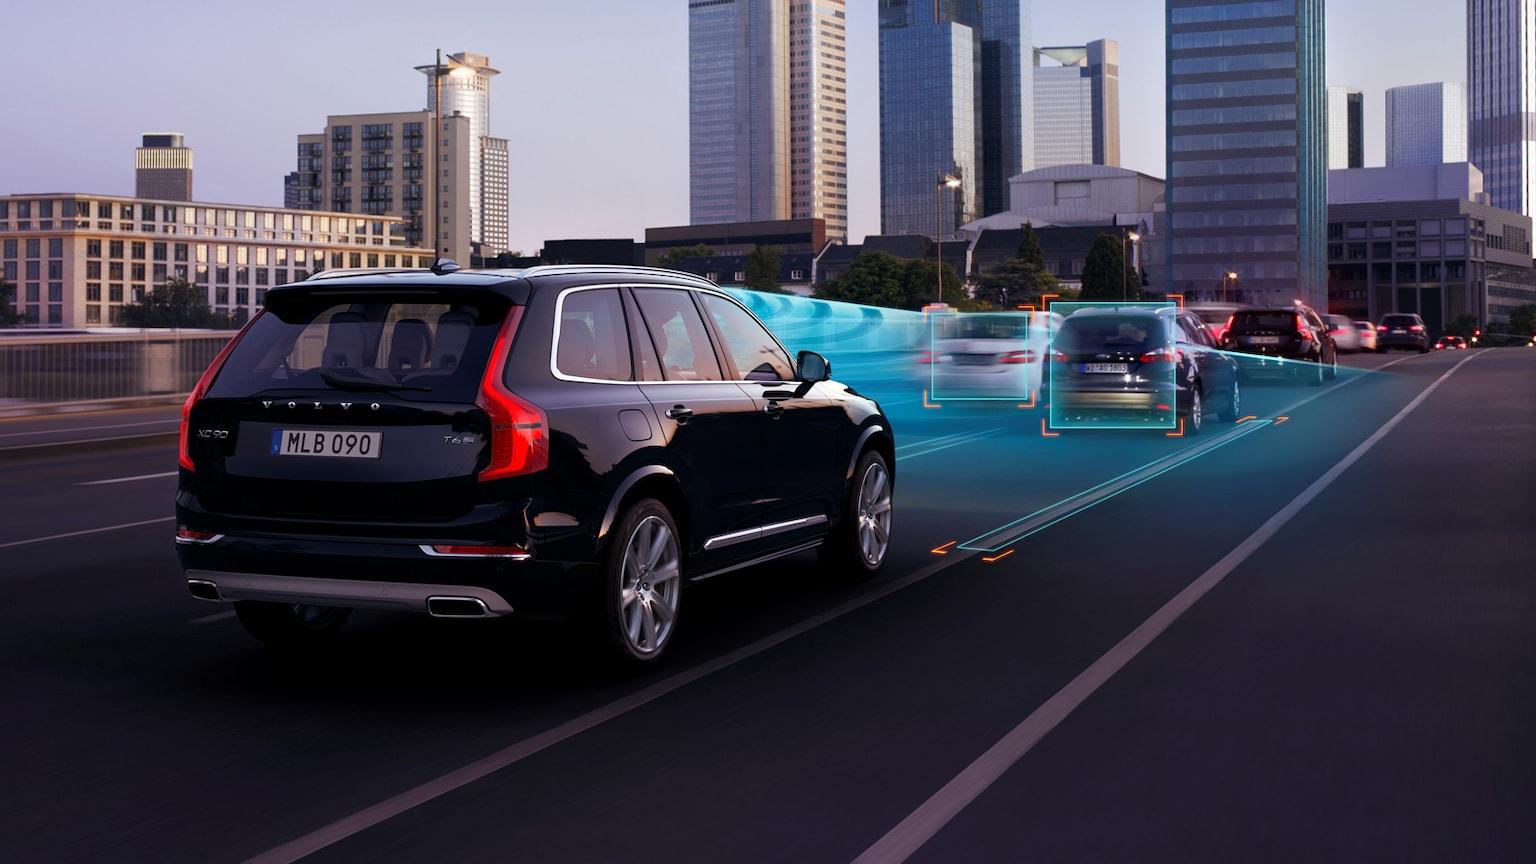 automobiļu tehnoloģijas 2021. gadā - uzlabotas vadītāja palīgsistēmas